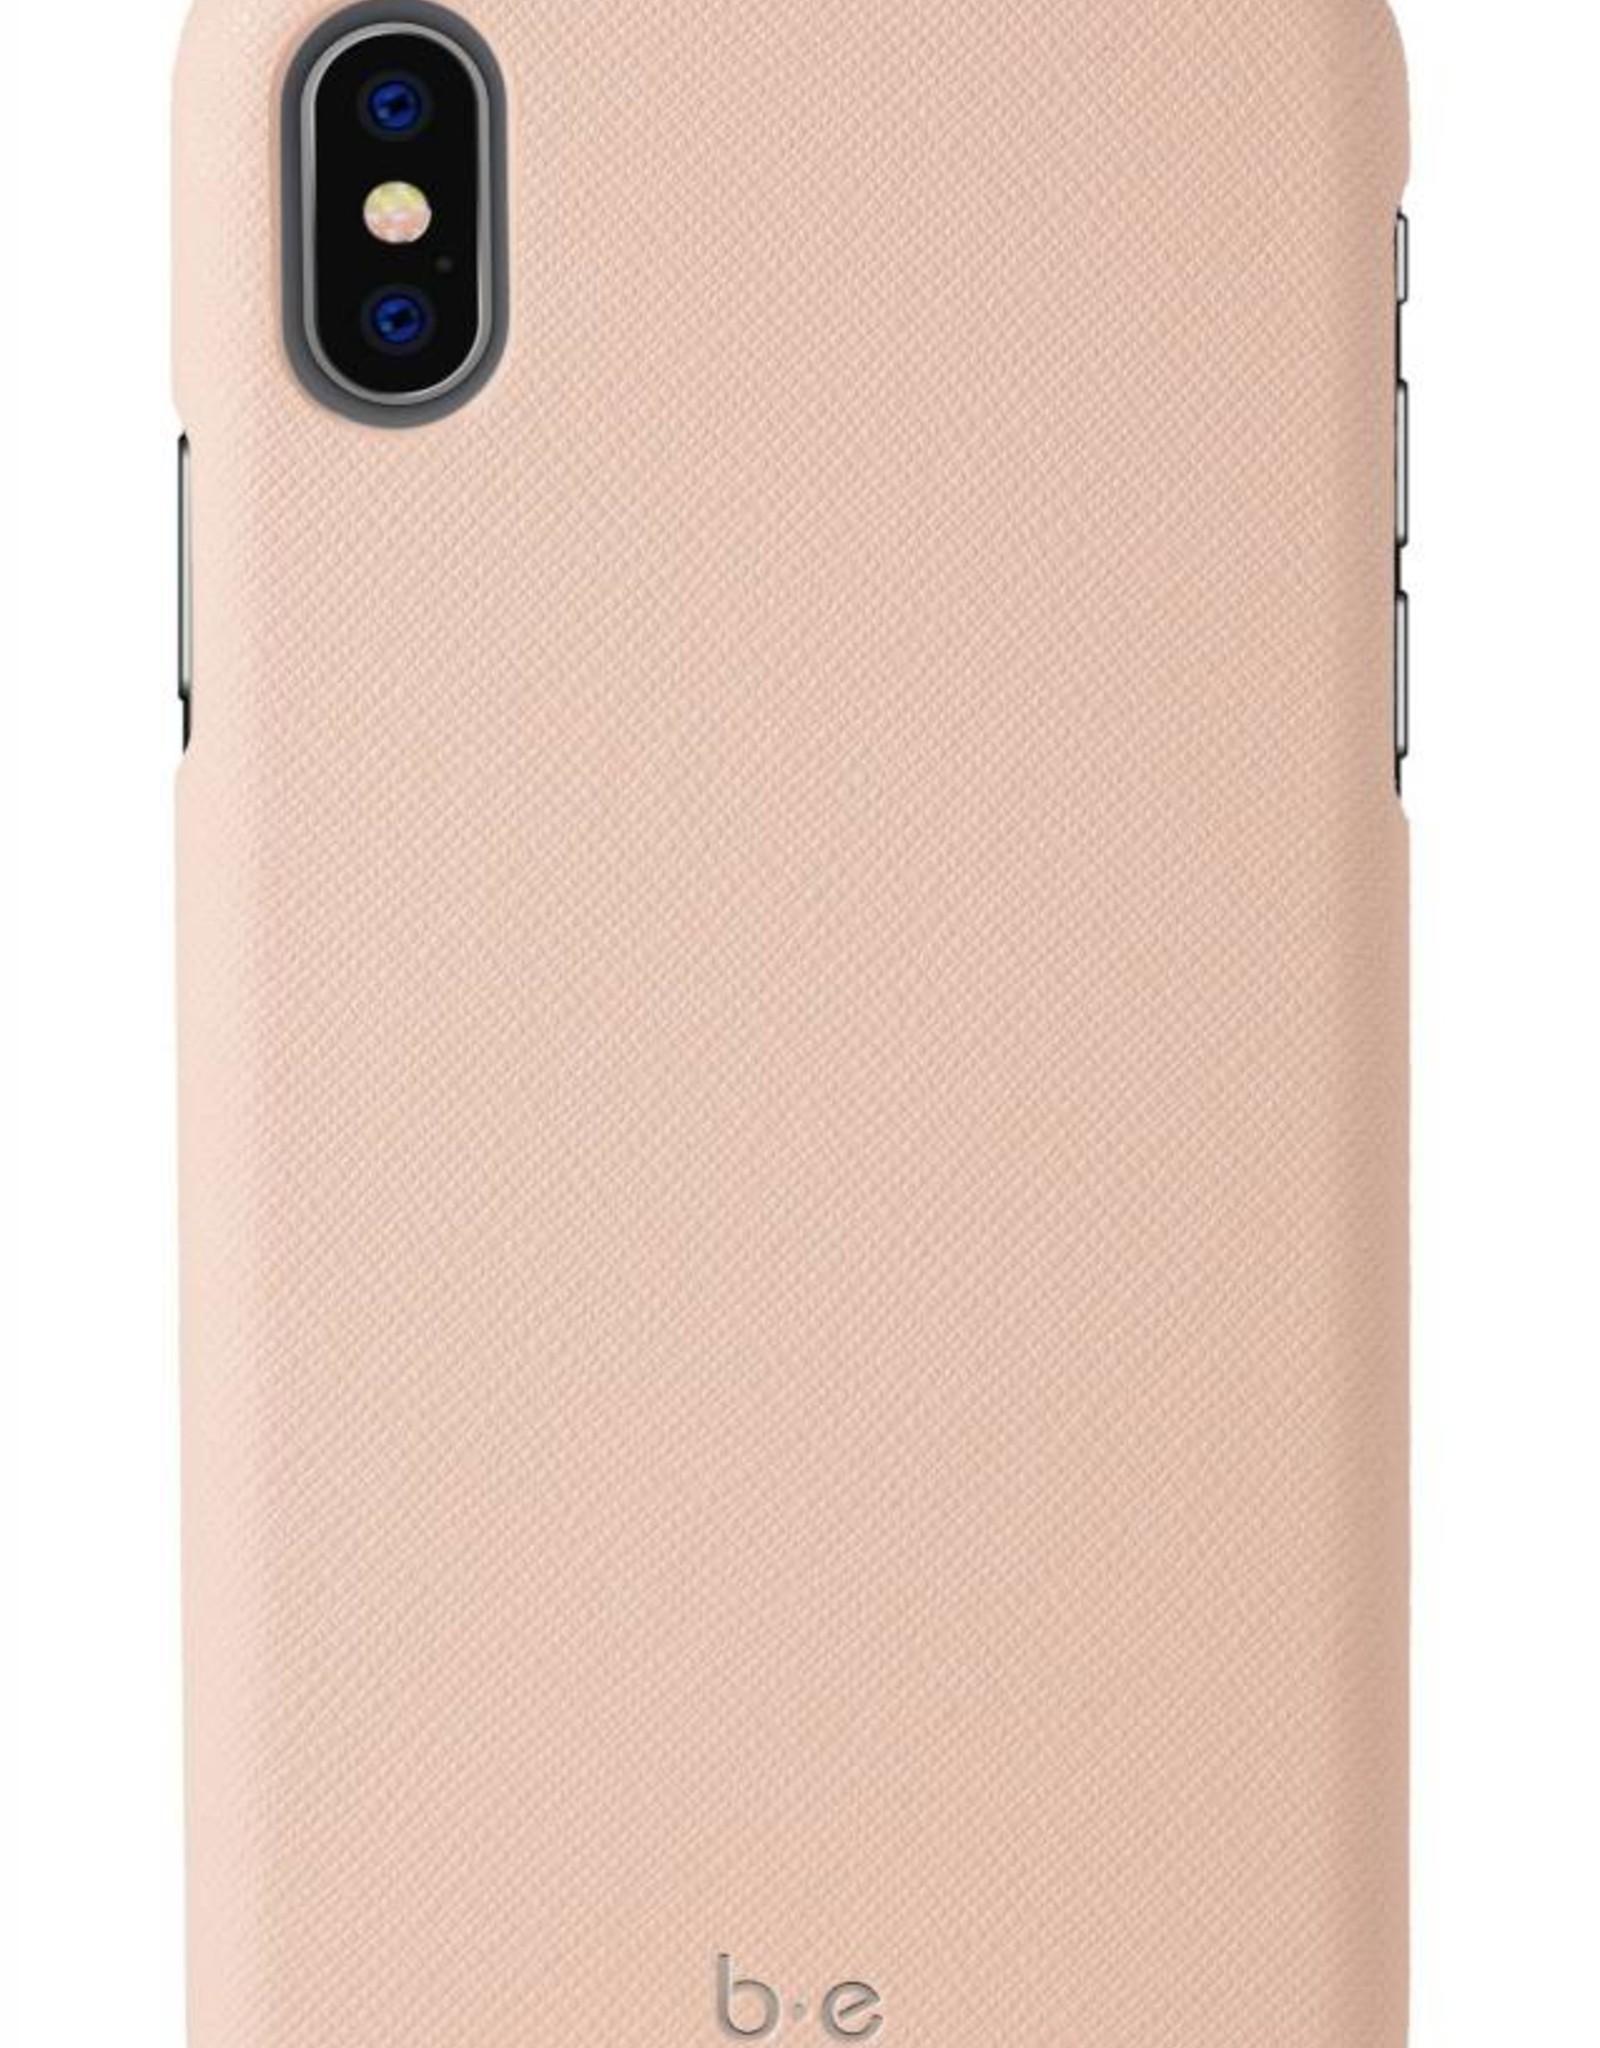 Blu Element Blu Element | iPhone Xs MAX Saffiano Case Pink Champagne | 120-1274